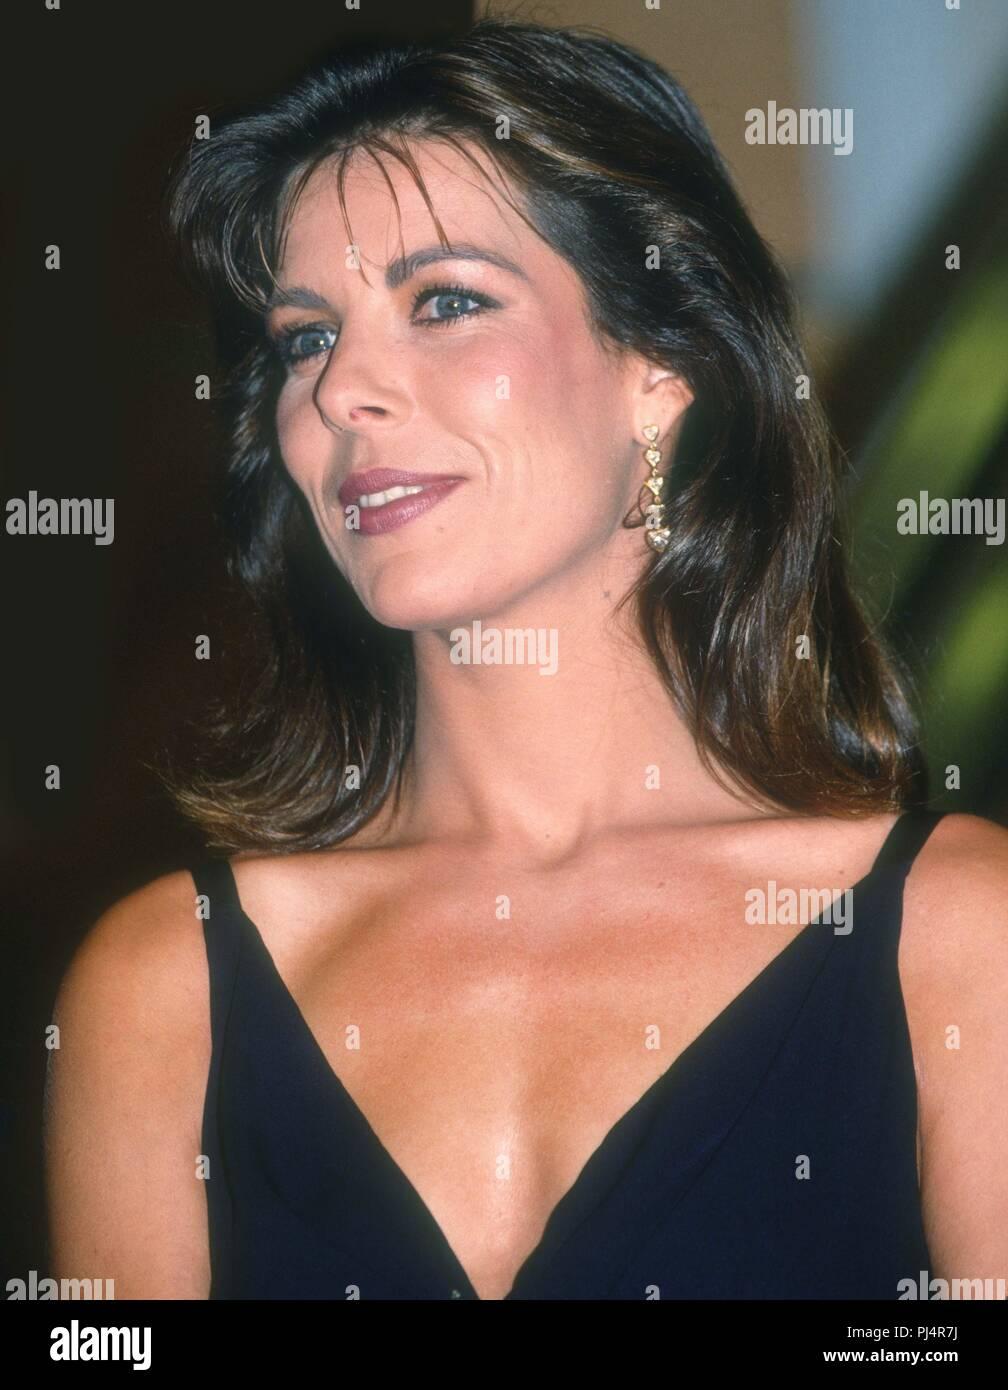 la-princesa-carolina-de-monaco-en-1990-foto-de-adam-craneophotolinknet-pj4r7j.jpg